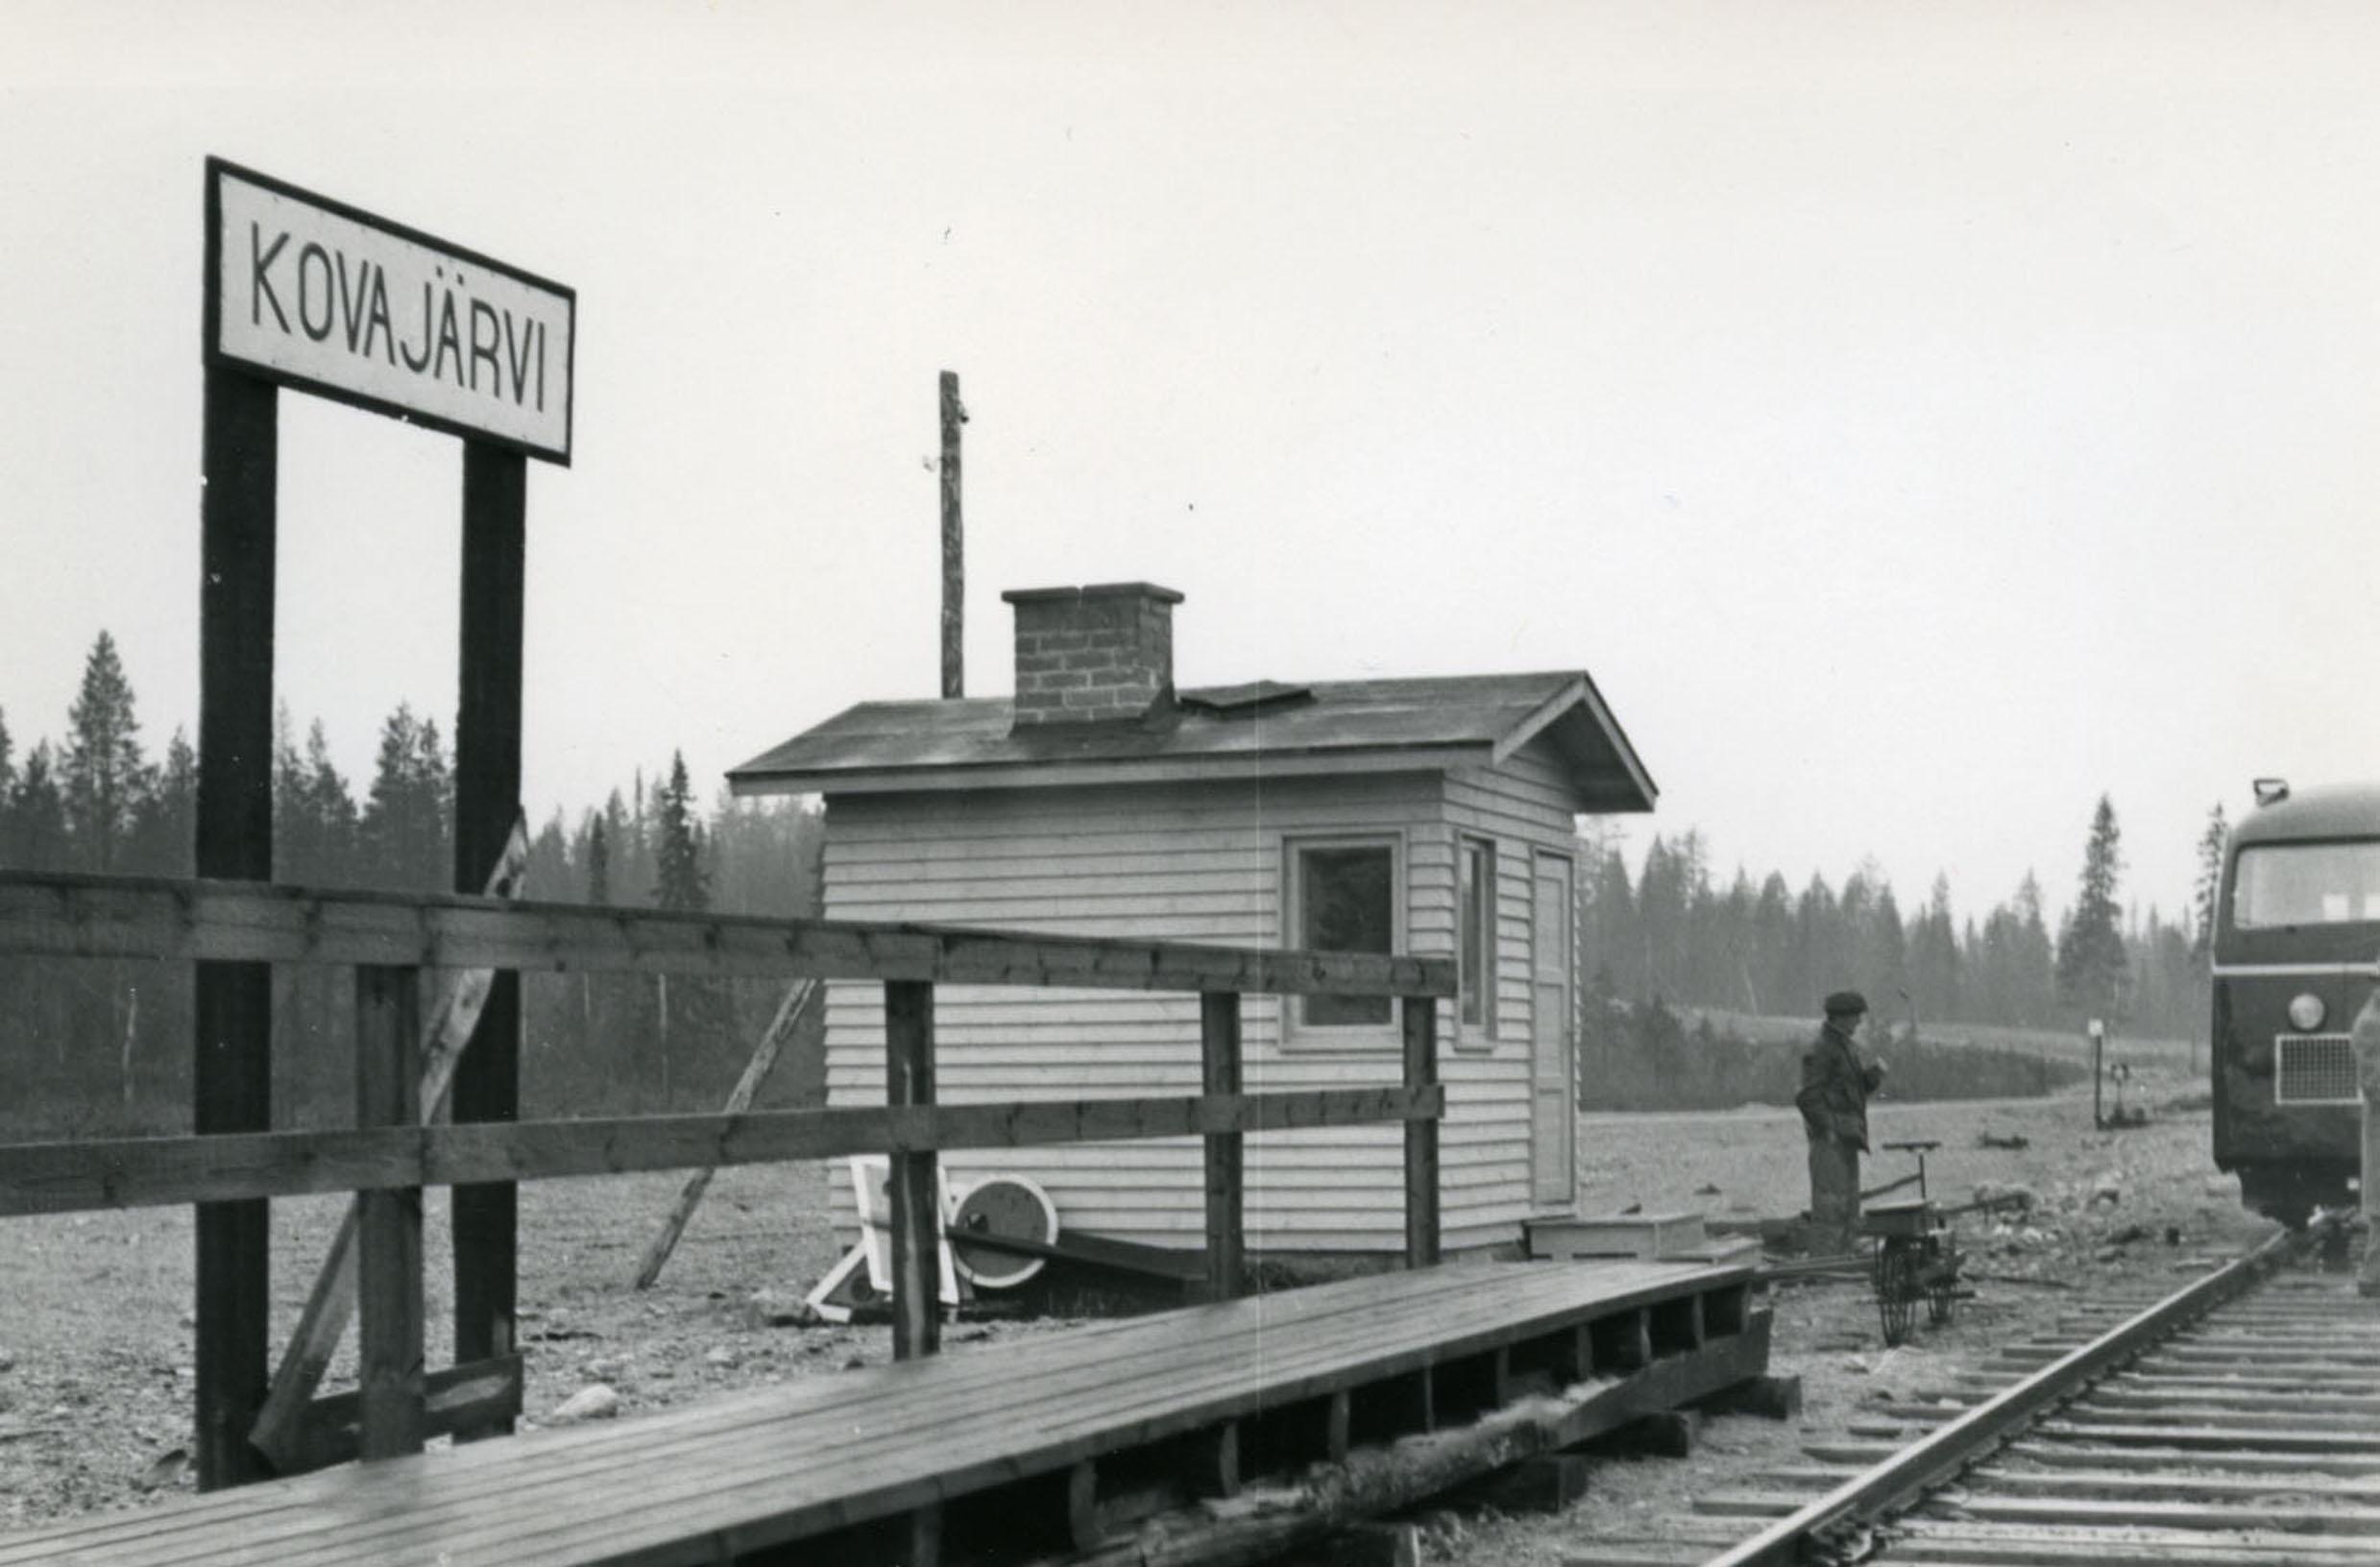 Kovajärven rautatiepysäkki.